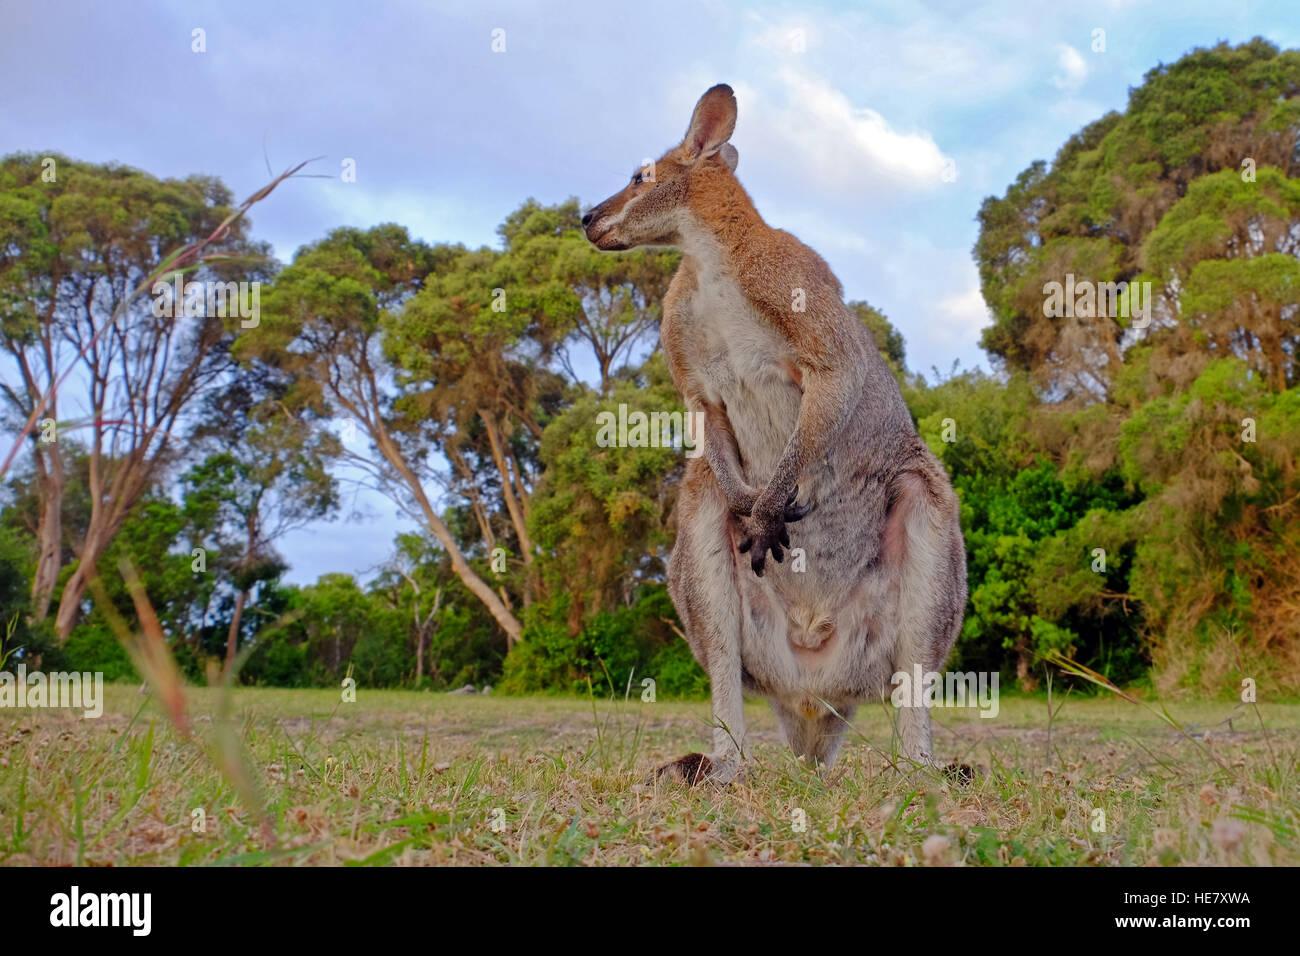 Un kangourou dans un champ dans l'état de Victoria, Australie Photo Stock